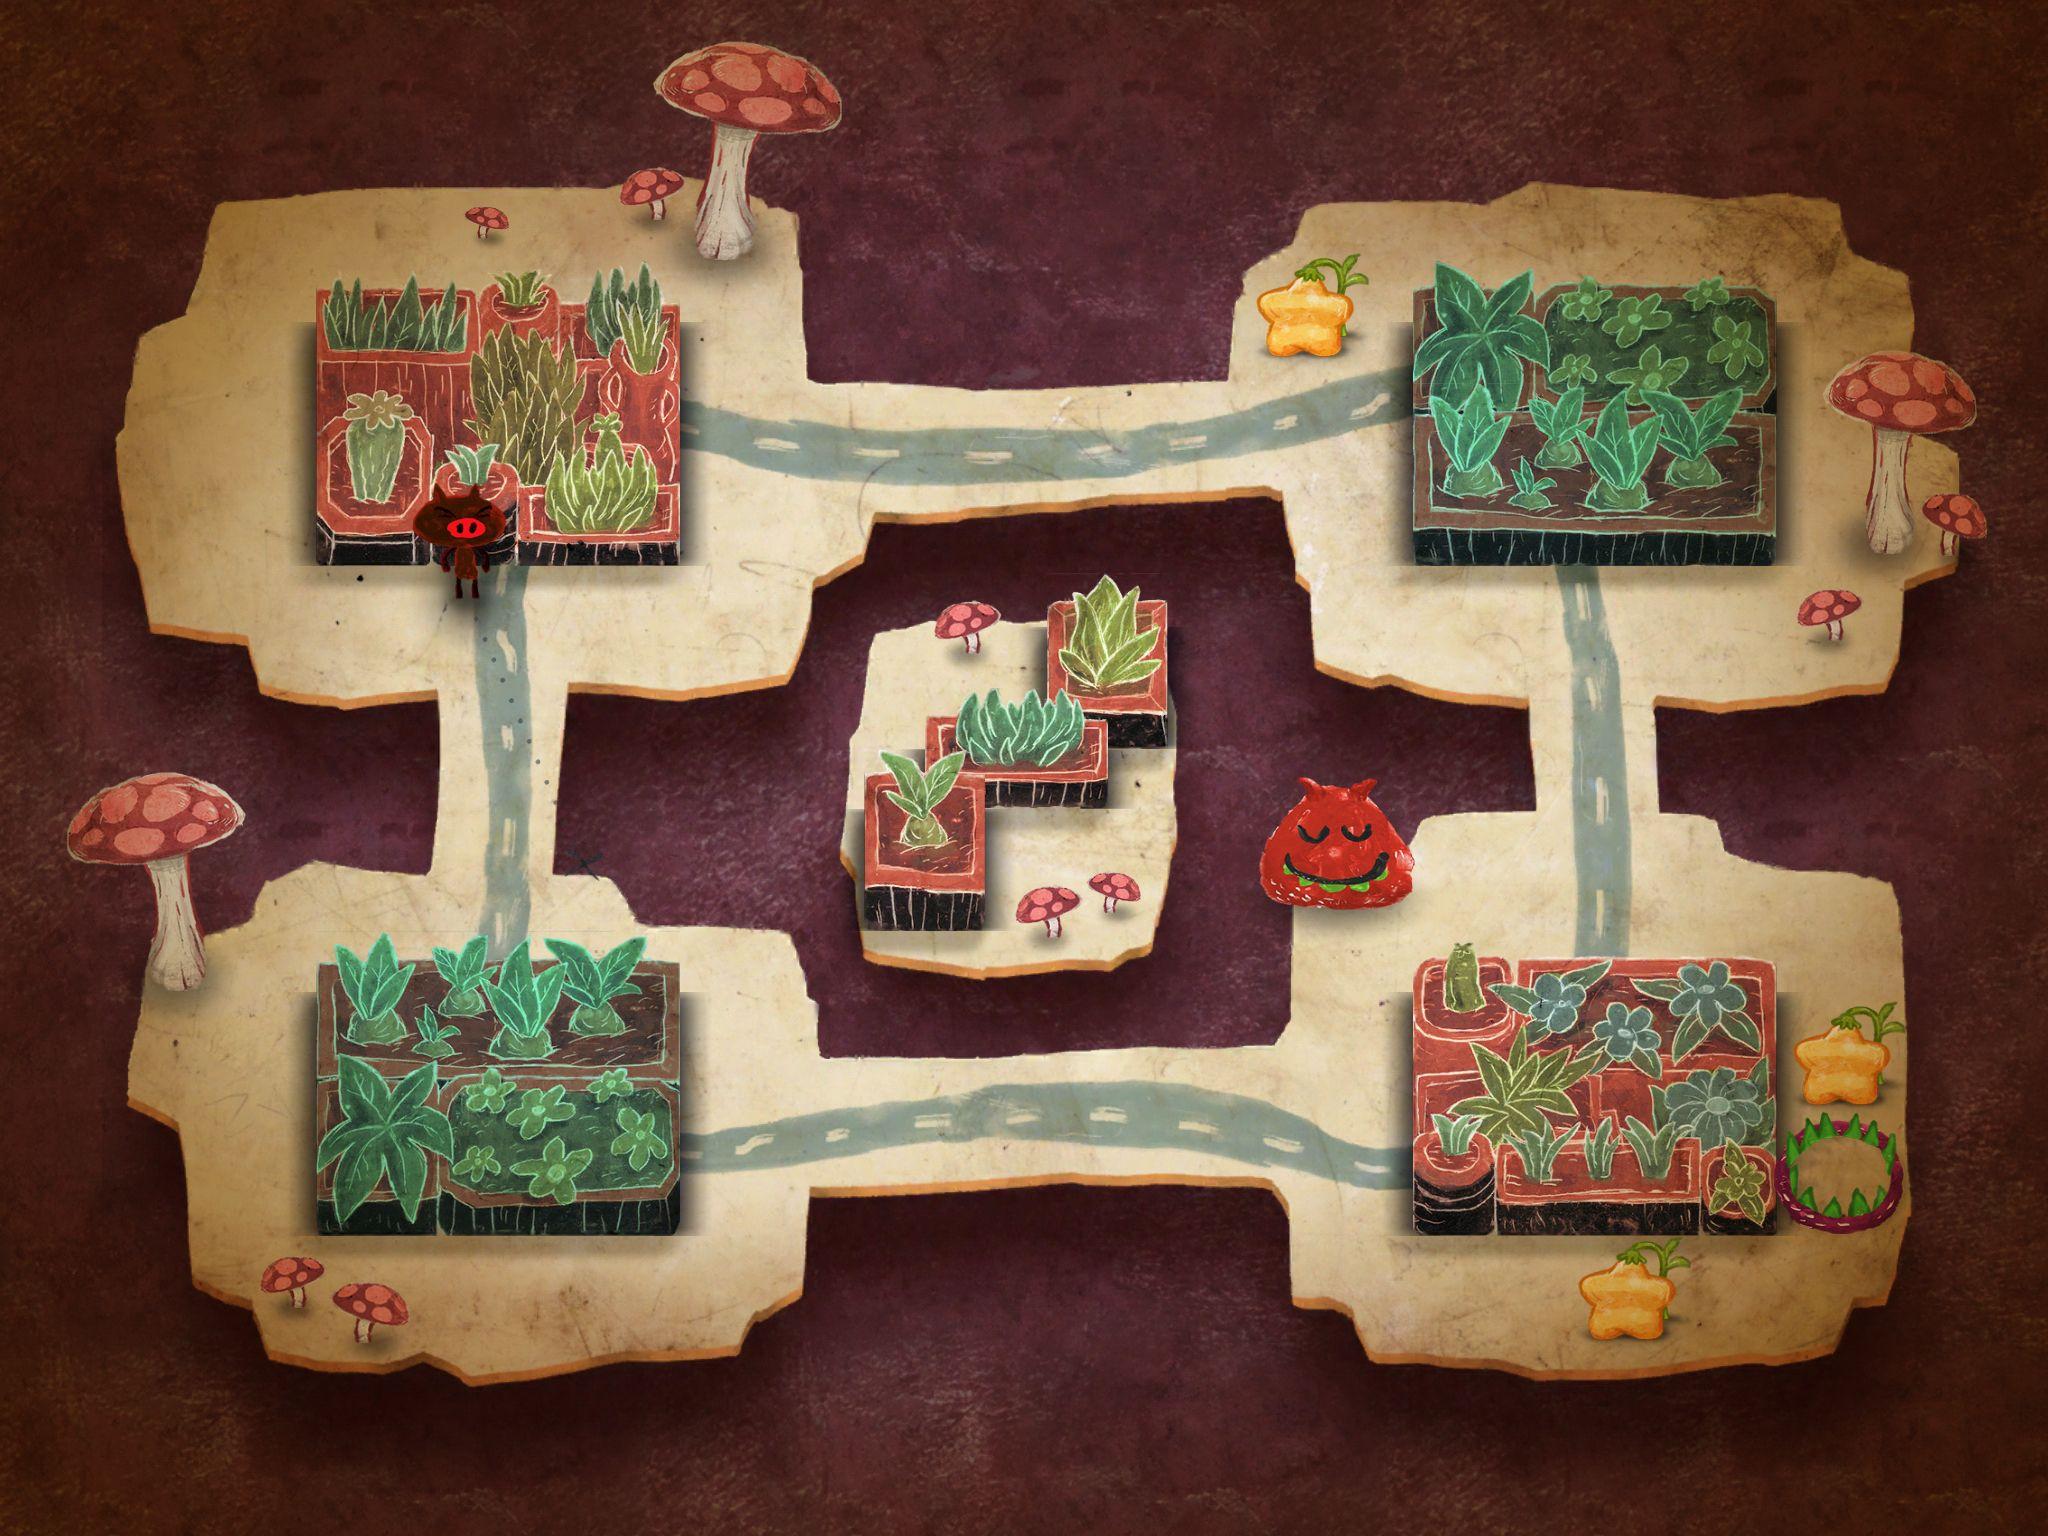 Gesundheit è un gioco di un maiale col raffreddore che dovrà affrontare mostri e enigmi di tutti i tipi